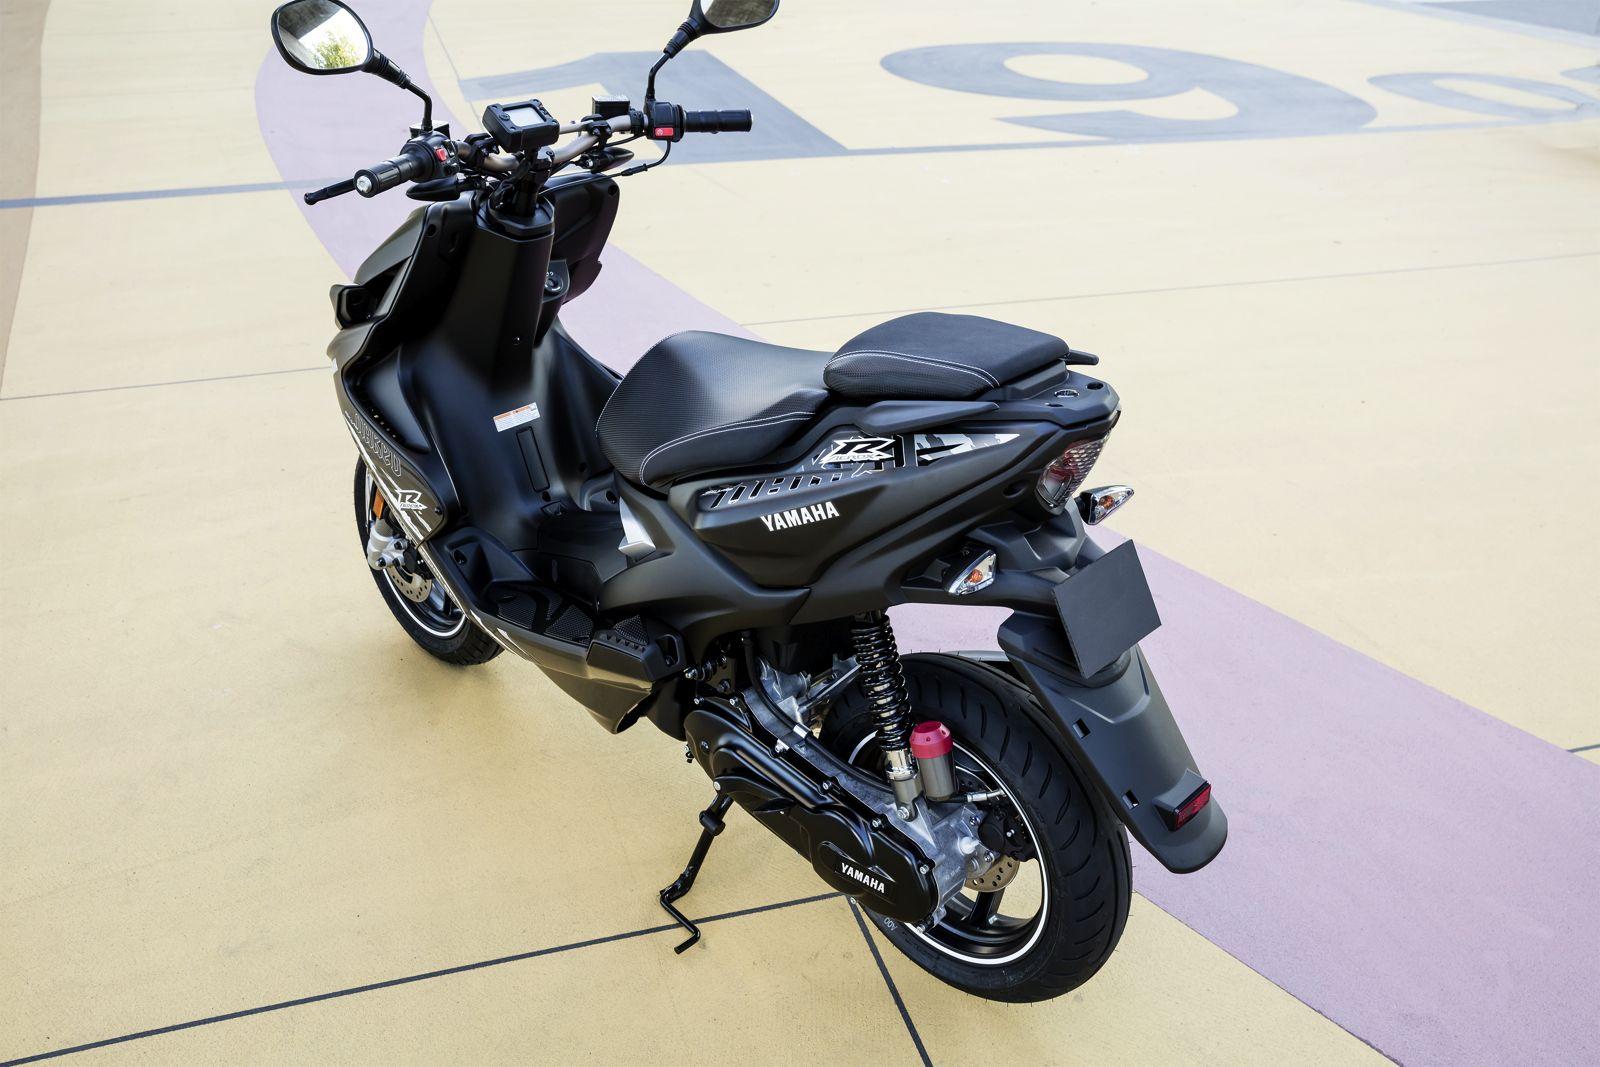 Yamaha MT-09 ABS Prezzo, Scheda tecnica e Foto - Dueruote